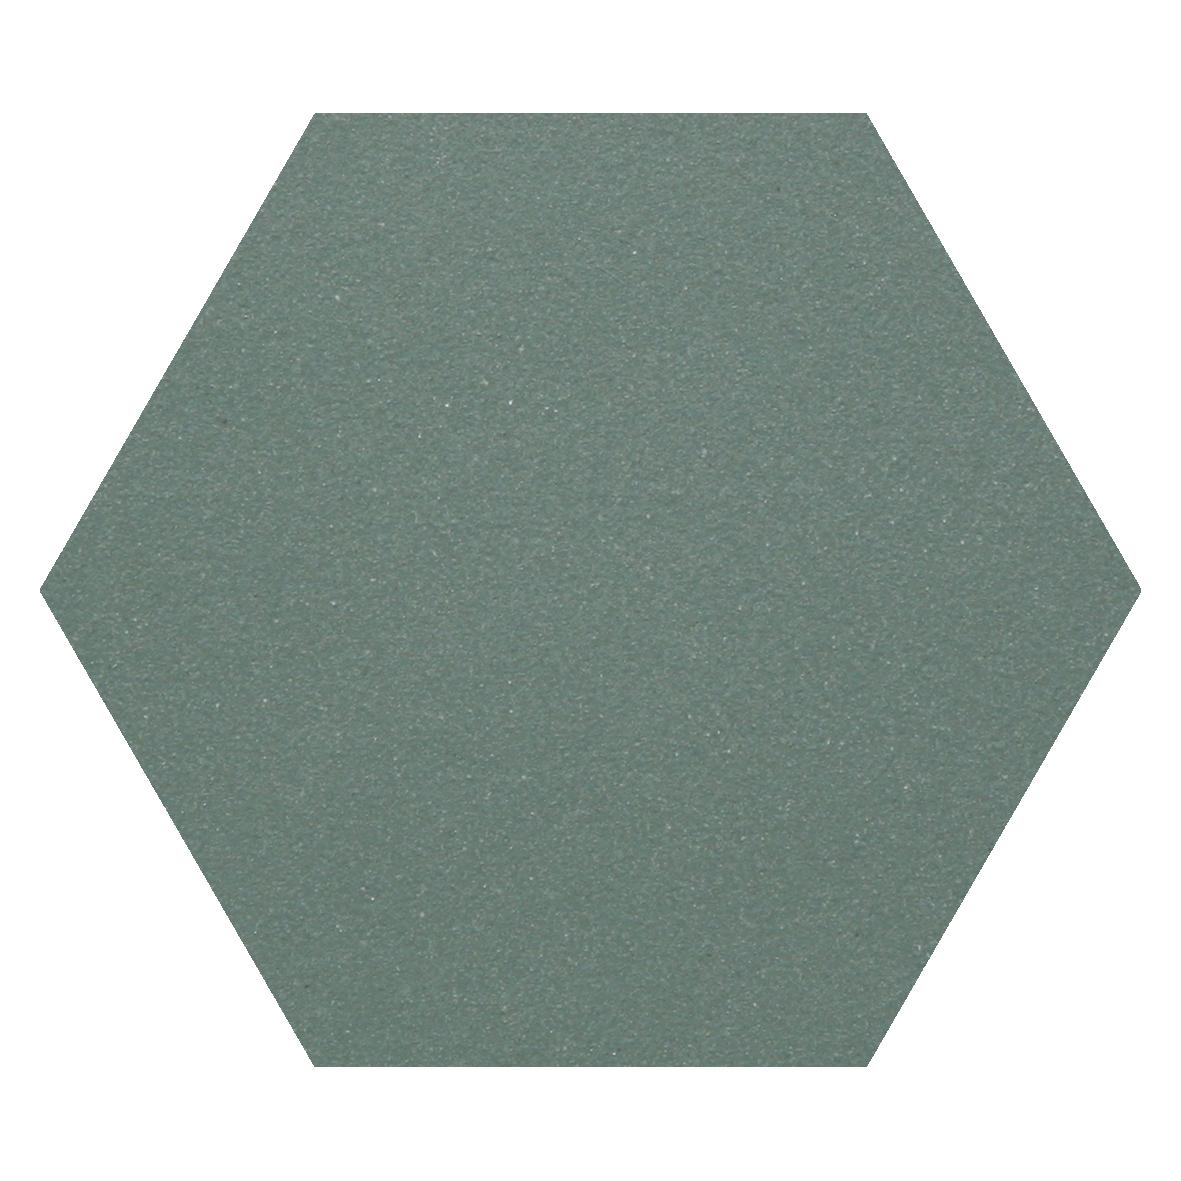 L4418HEX/1C, Natura, Vihreä, lattia,pakkasenkesto,uimahalli,design_from_finland